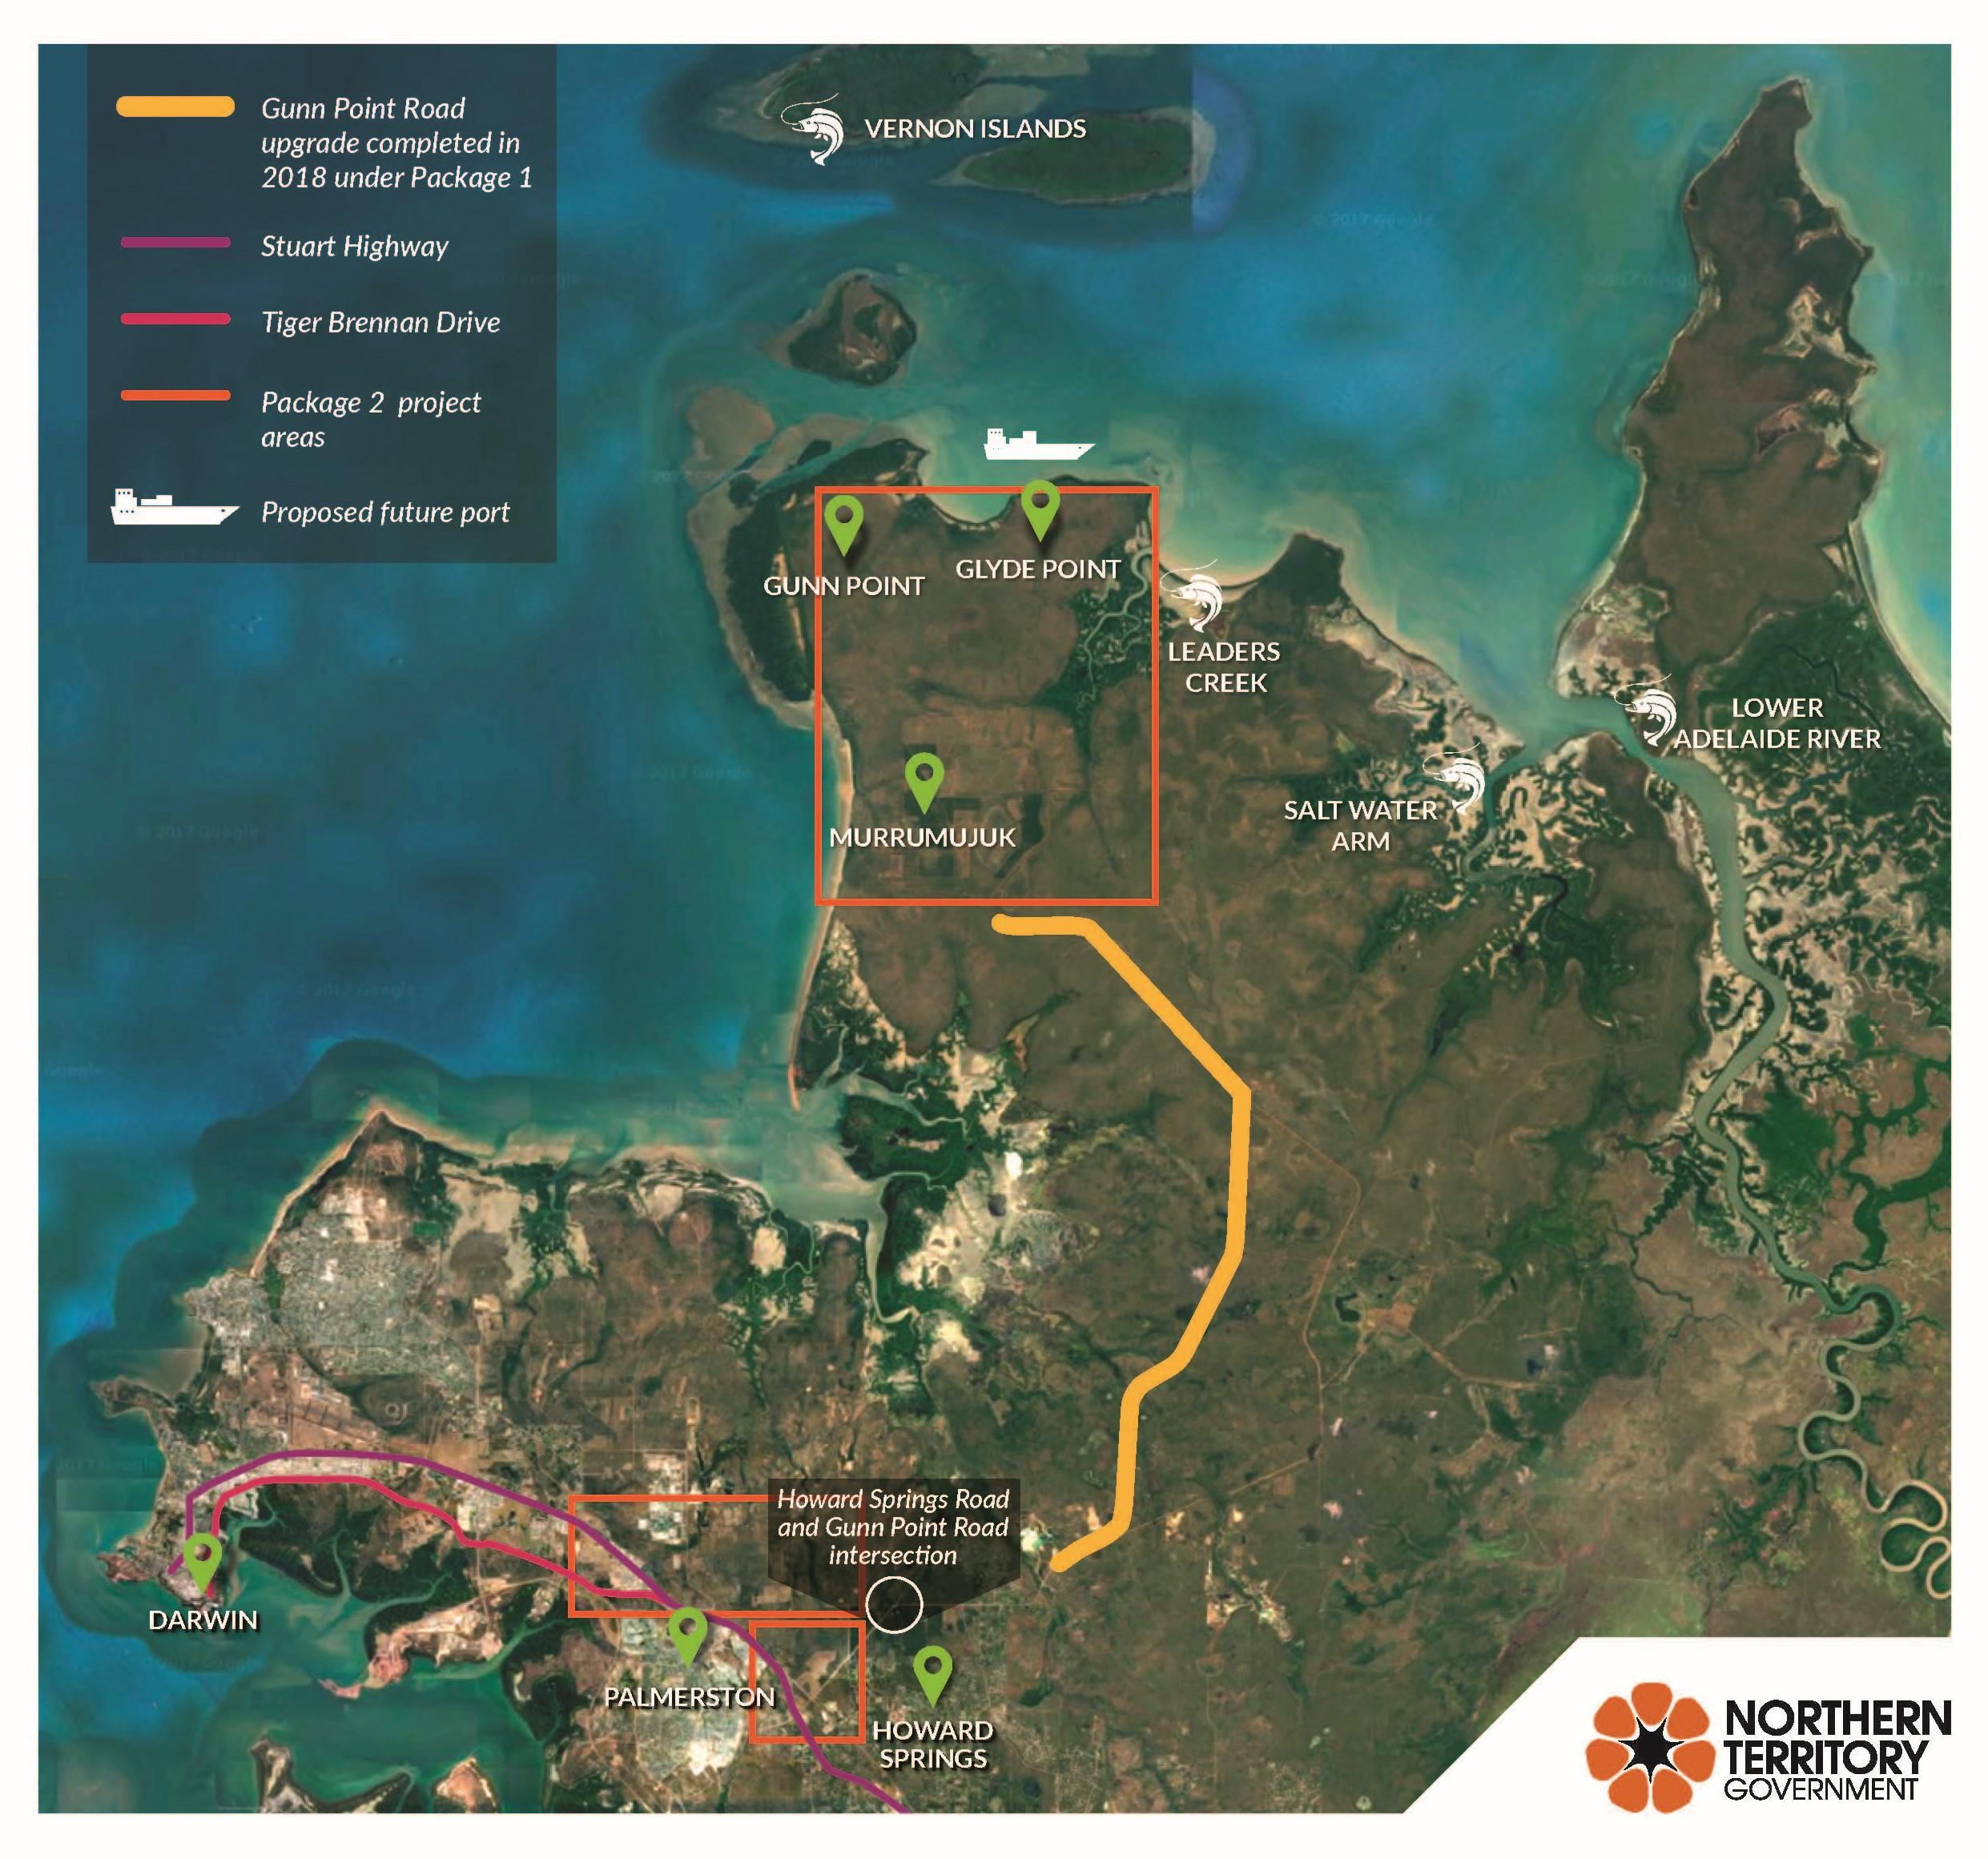 Gunn Point Overview Map